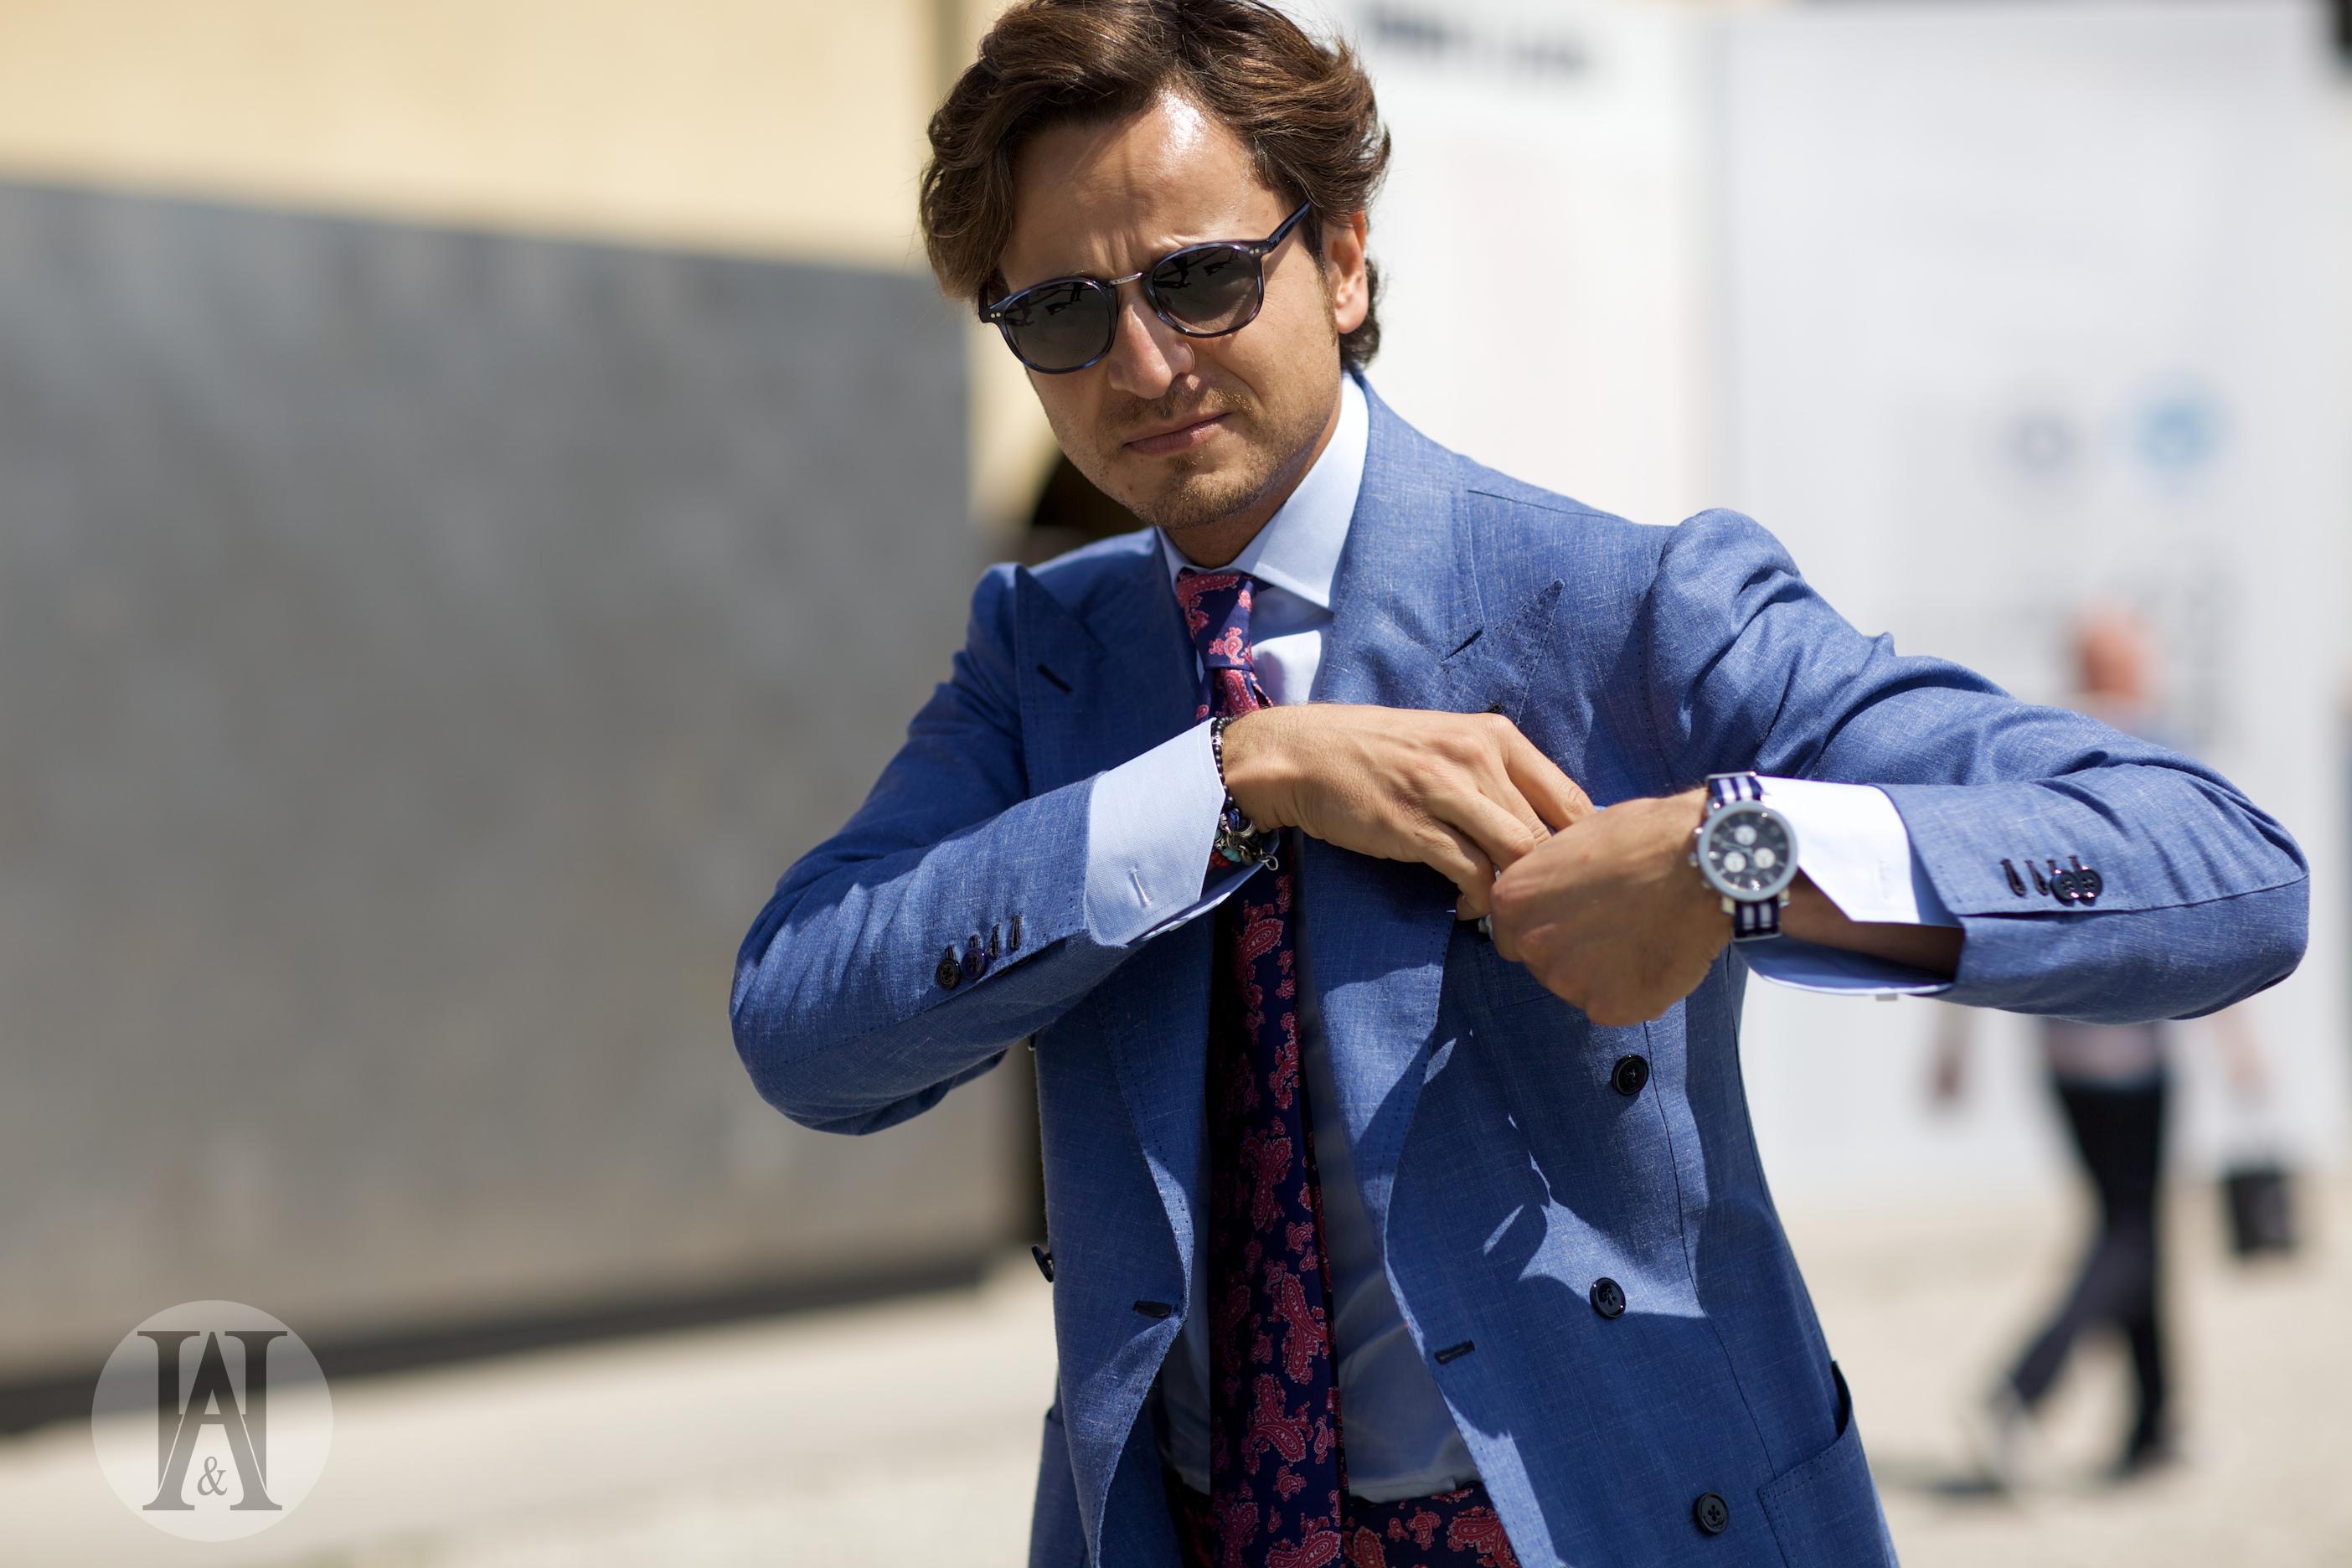 Mr.-Raro-pitti-uomo-unbuttoned-cuffs-cuff-unbutton-streetstyle-double-breasted